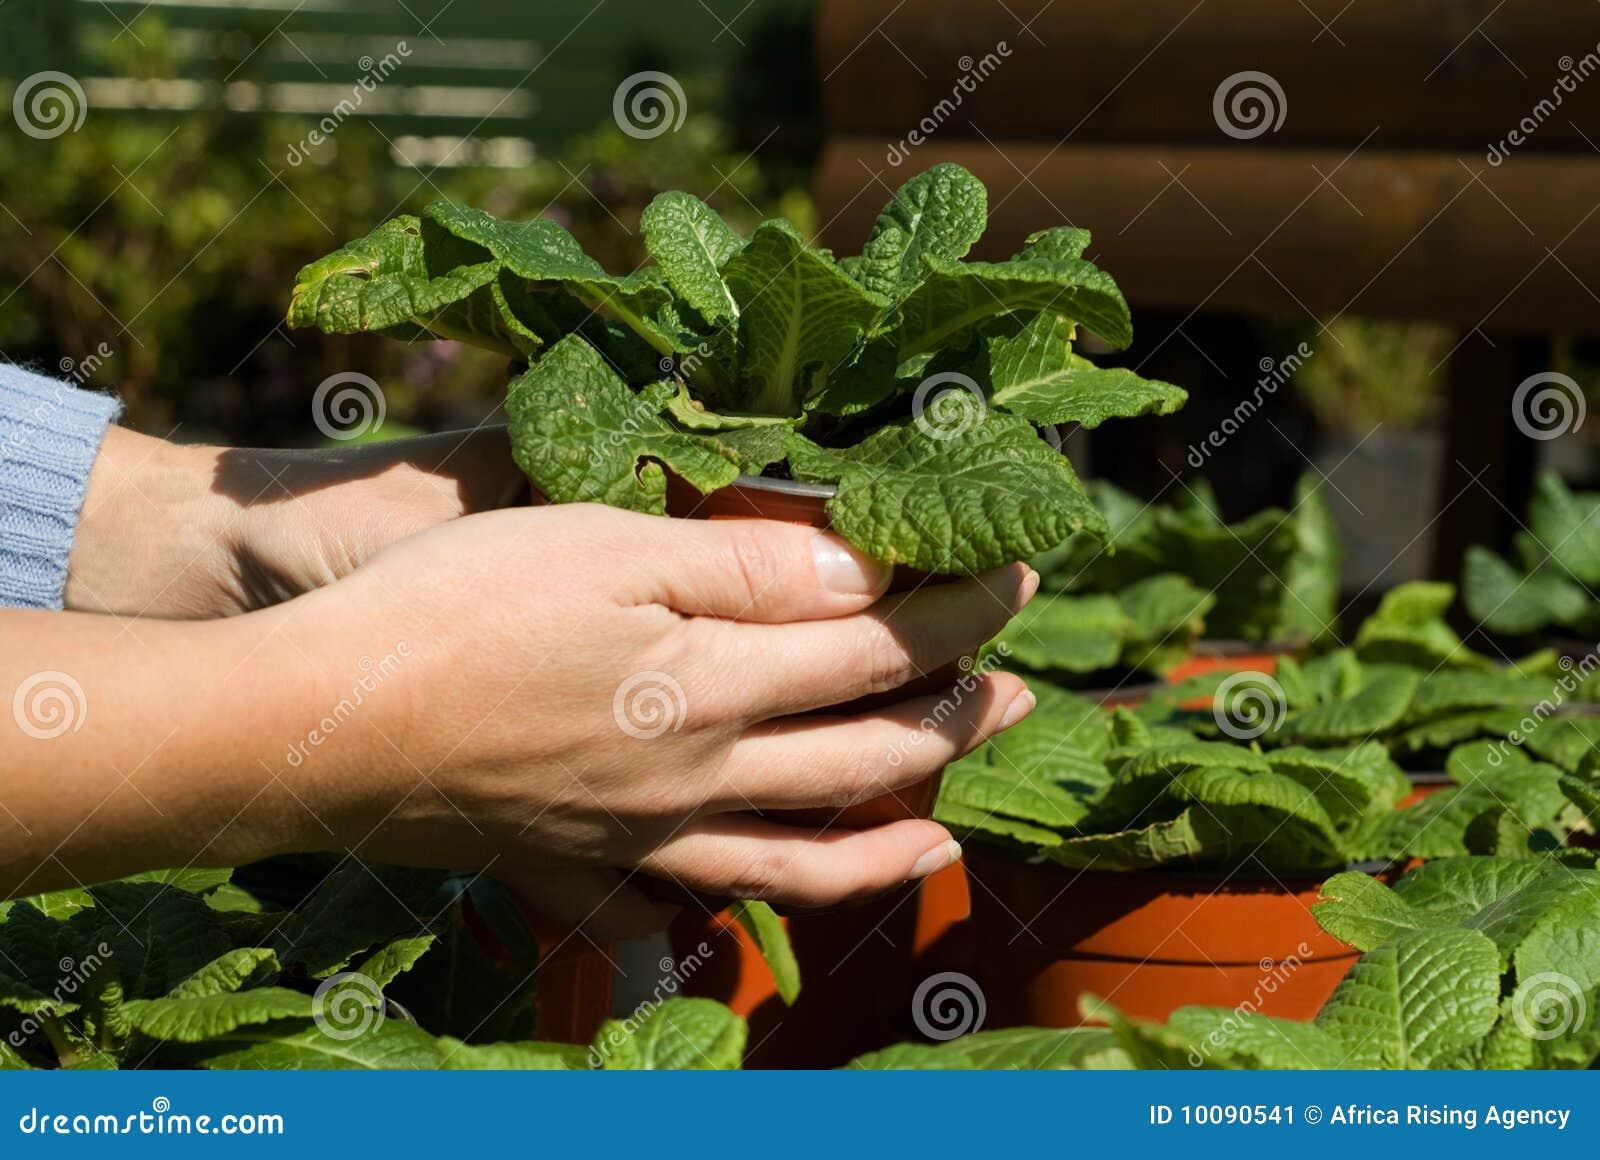 Plantes vertes mises en pot image stock image 10090541 for Plantes vertes